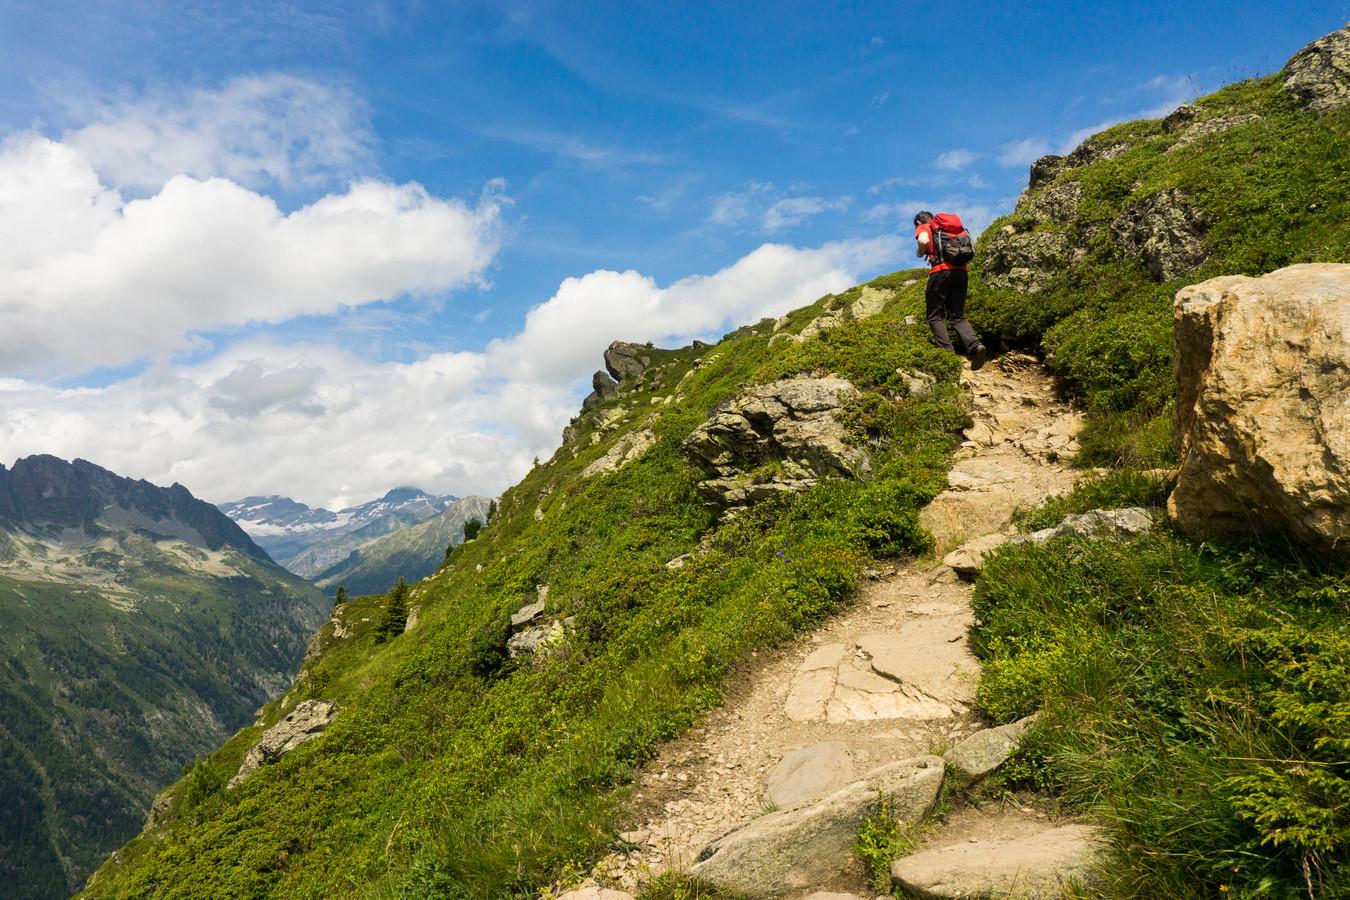 De Aiguilles Rouges staat bekend om zijn mooie wandelpaden. Foto ter illustratie.